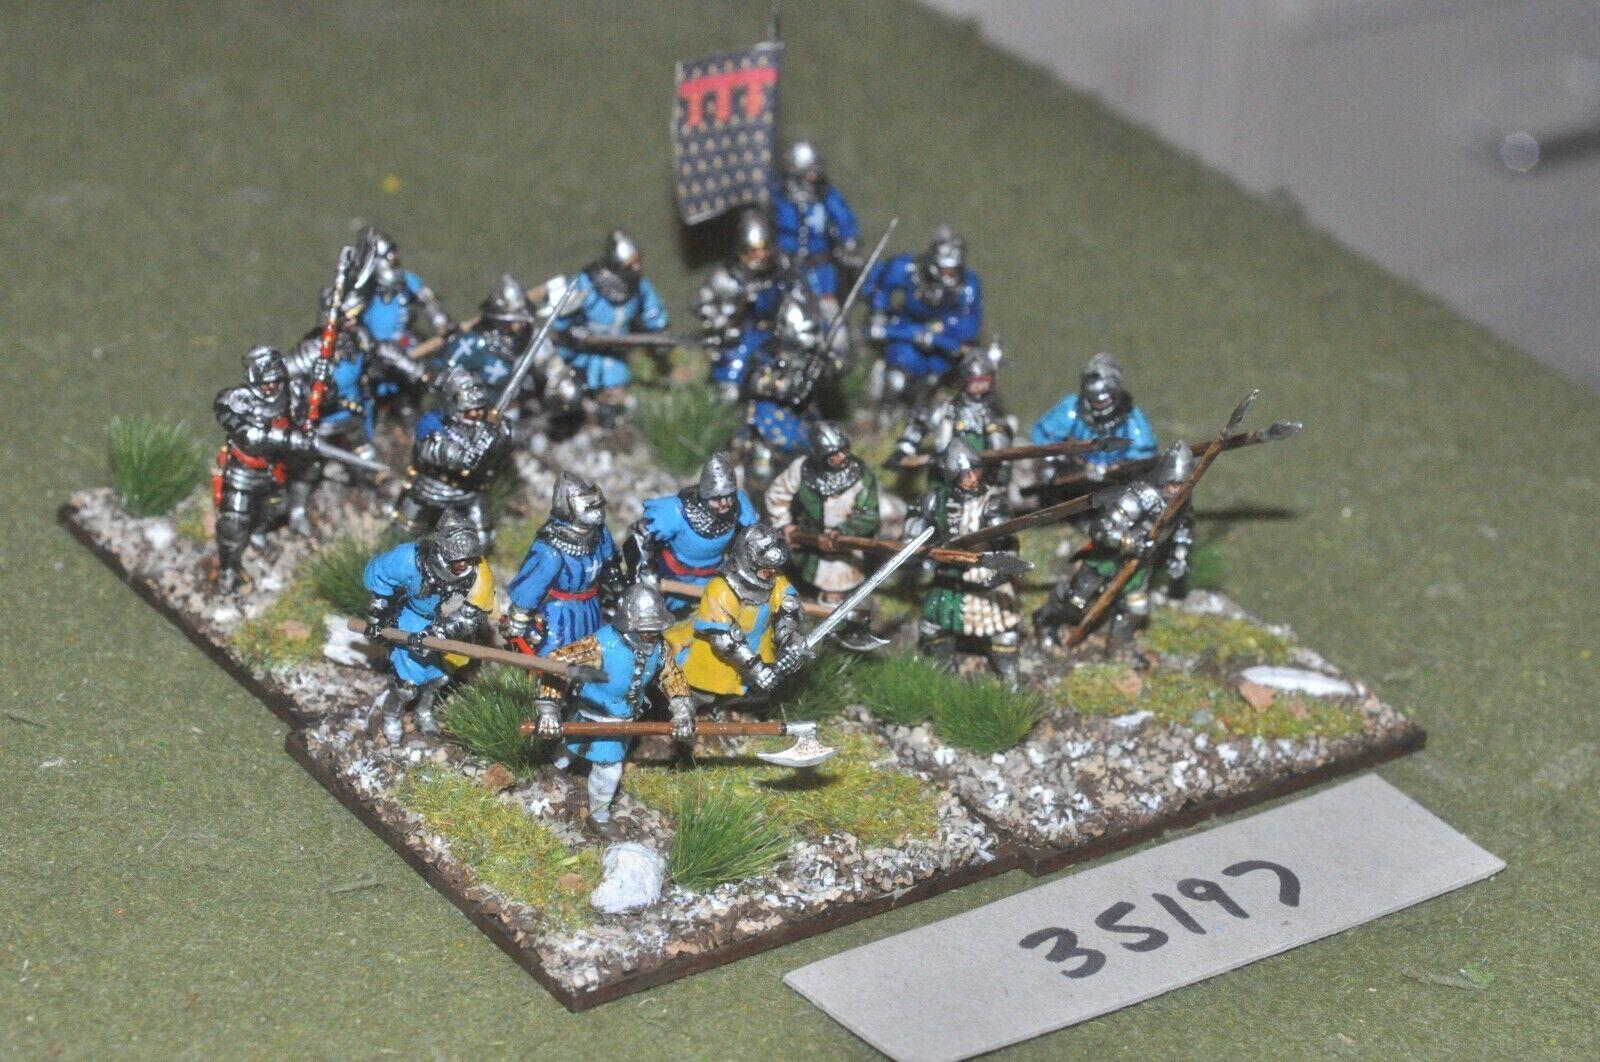 Médiévale 25 mm Bourguignon-MEN AT ARMS (plastique) 20 figures-INF (35197)